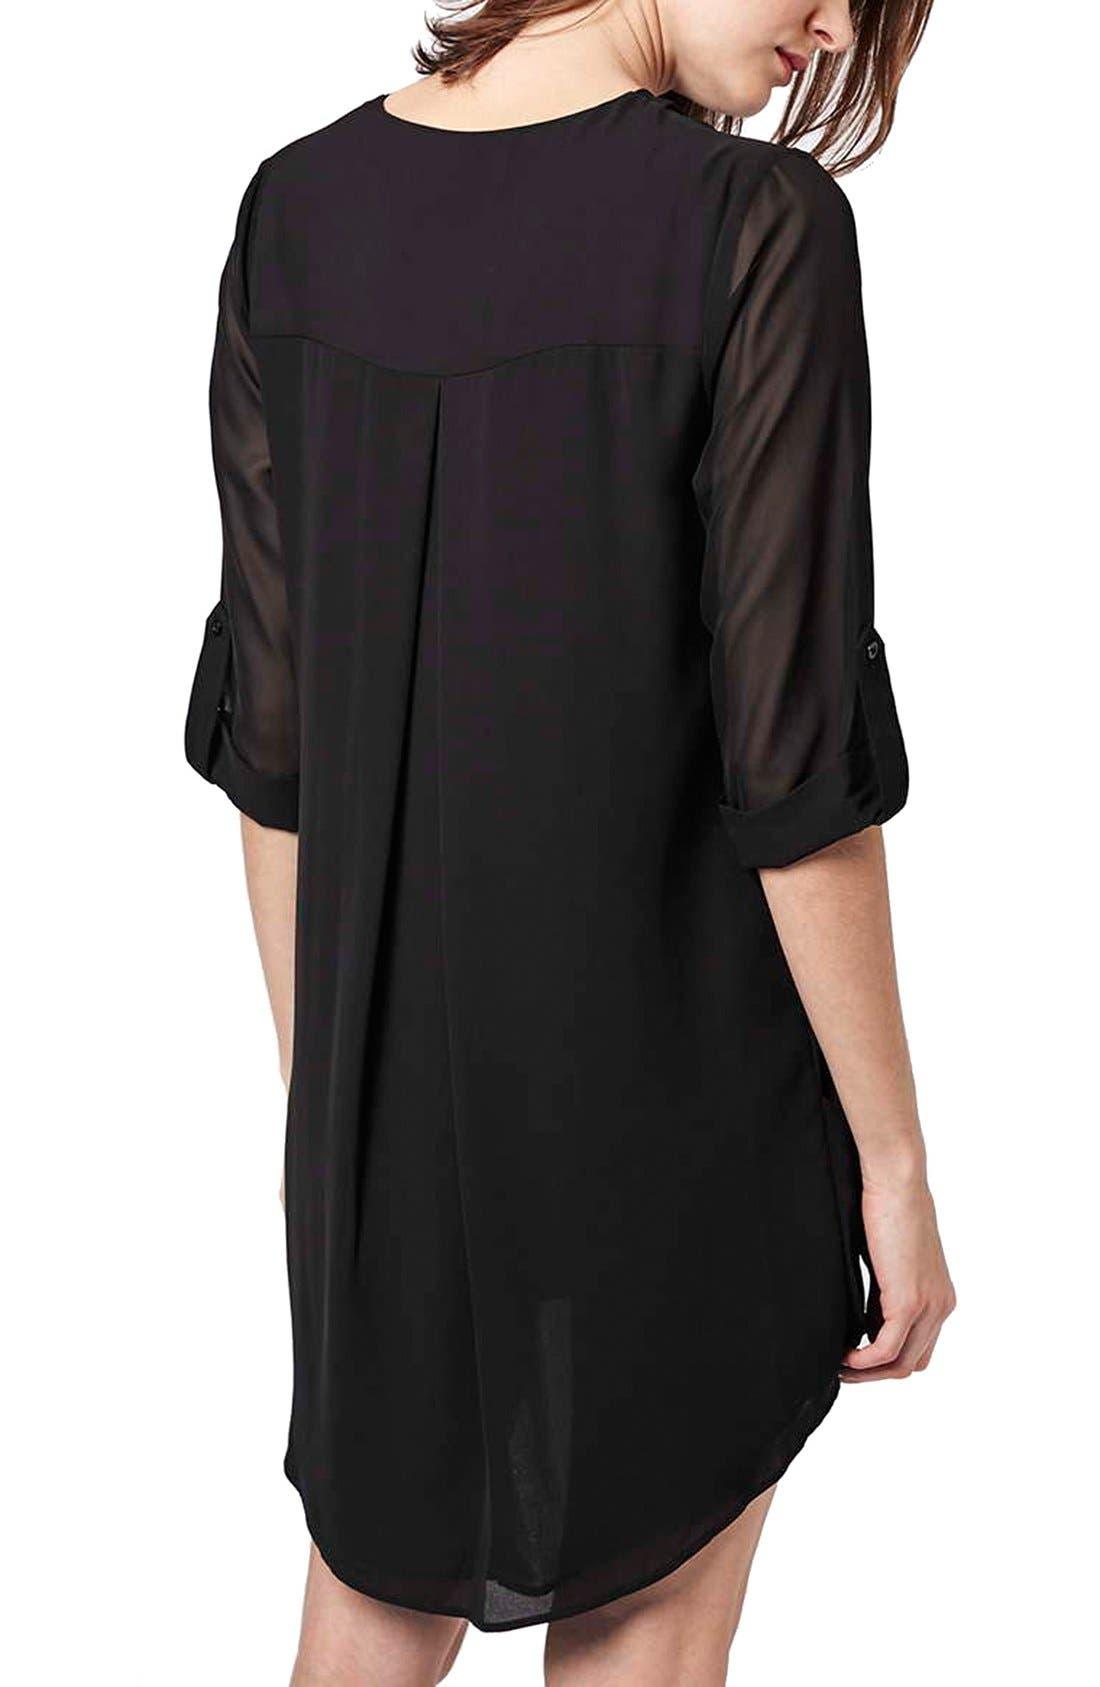 Chiffon Drape Tunic Dress,                             Alternate thumbnail 2, color,                             001